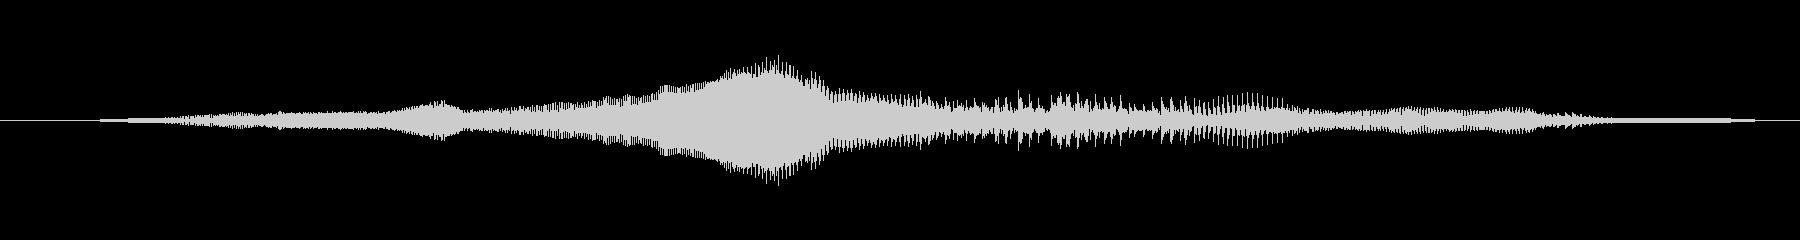 鳴き声 女性の応援はい06の未再生の波形